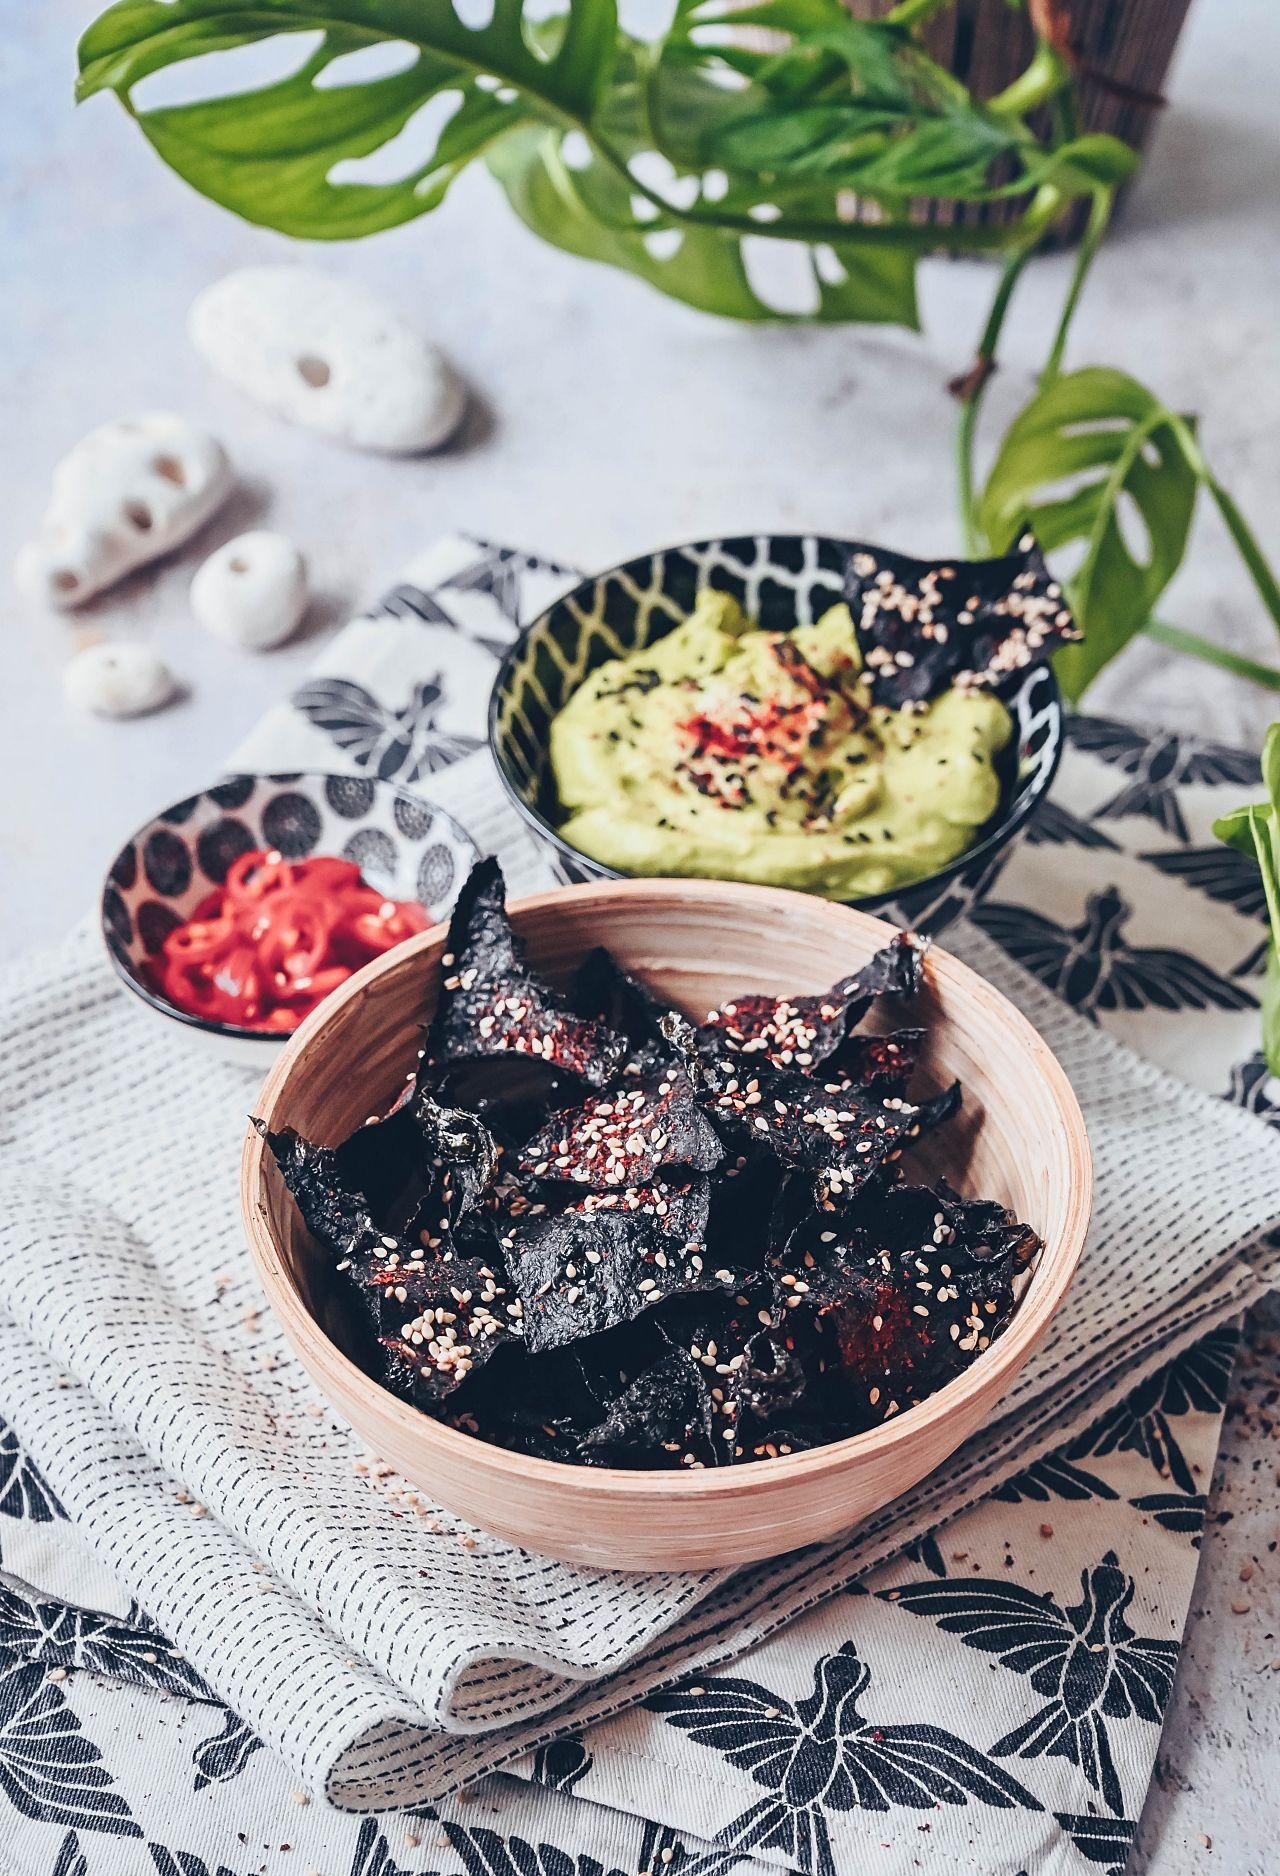 Rezept für Nori-Algen Chips mit Sesam & einem Avocado-Wasabi Dip